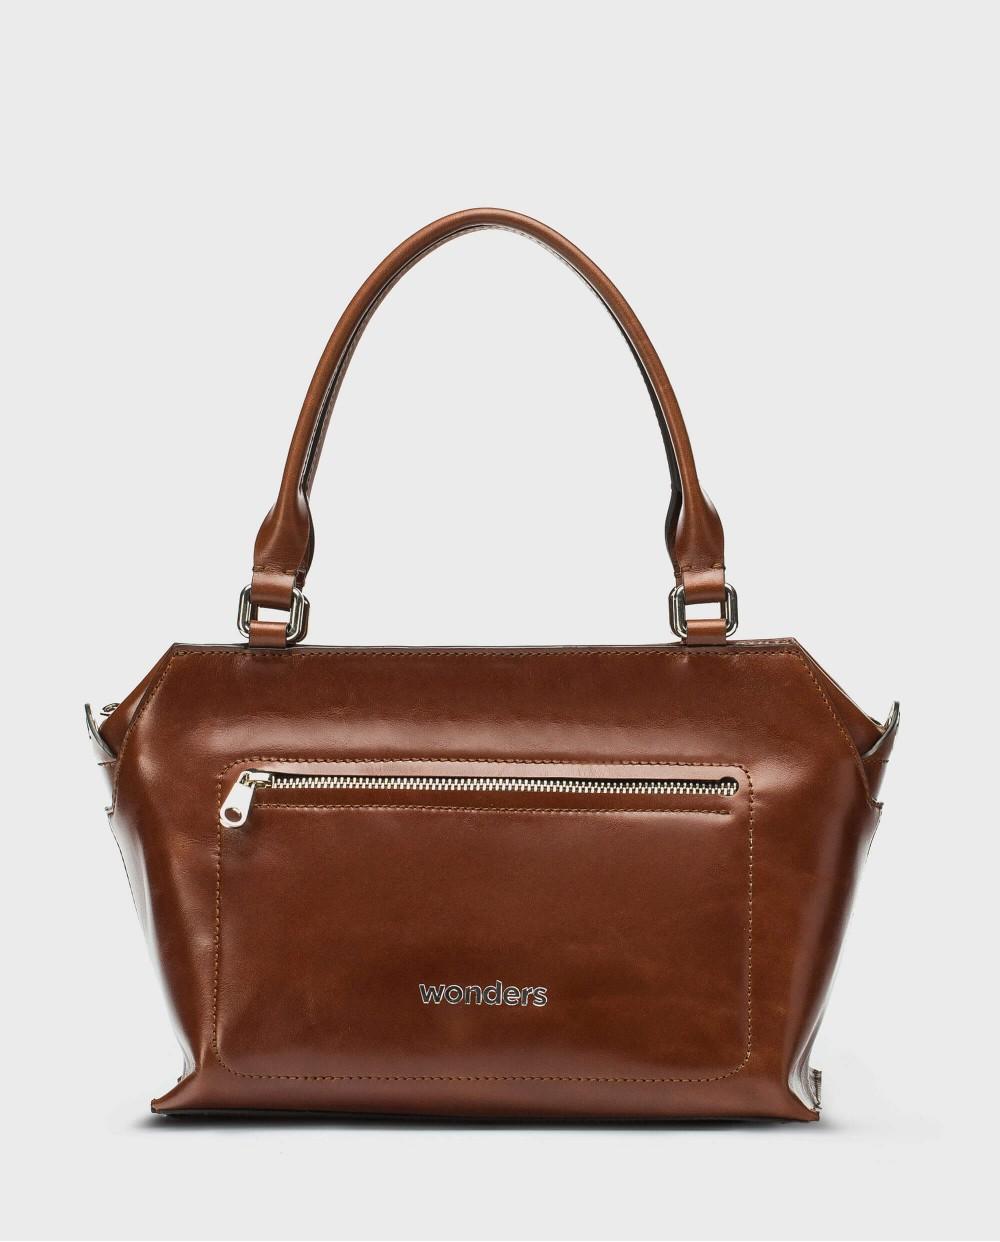 Wonders-Bags 30% OFF-Rectangular crossbody bag